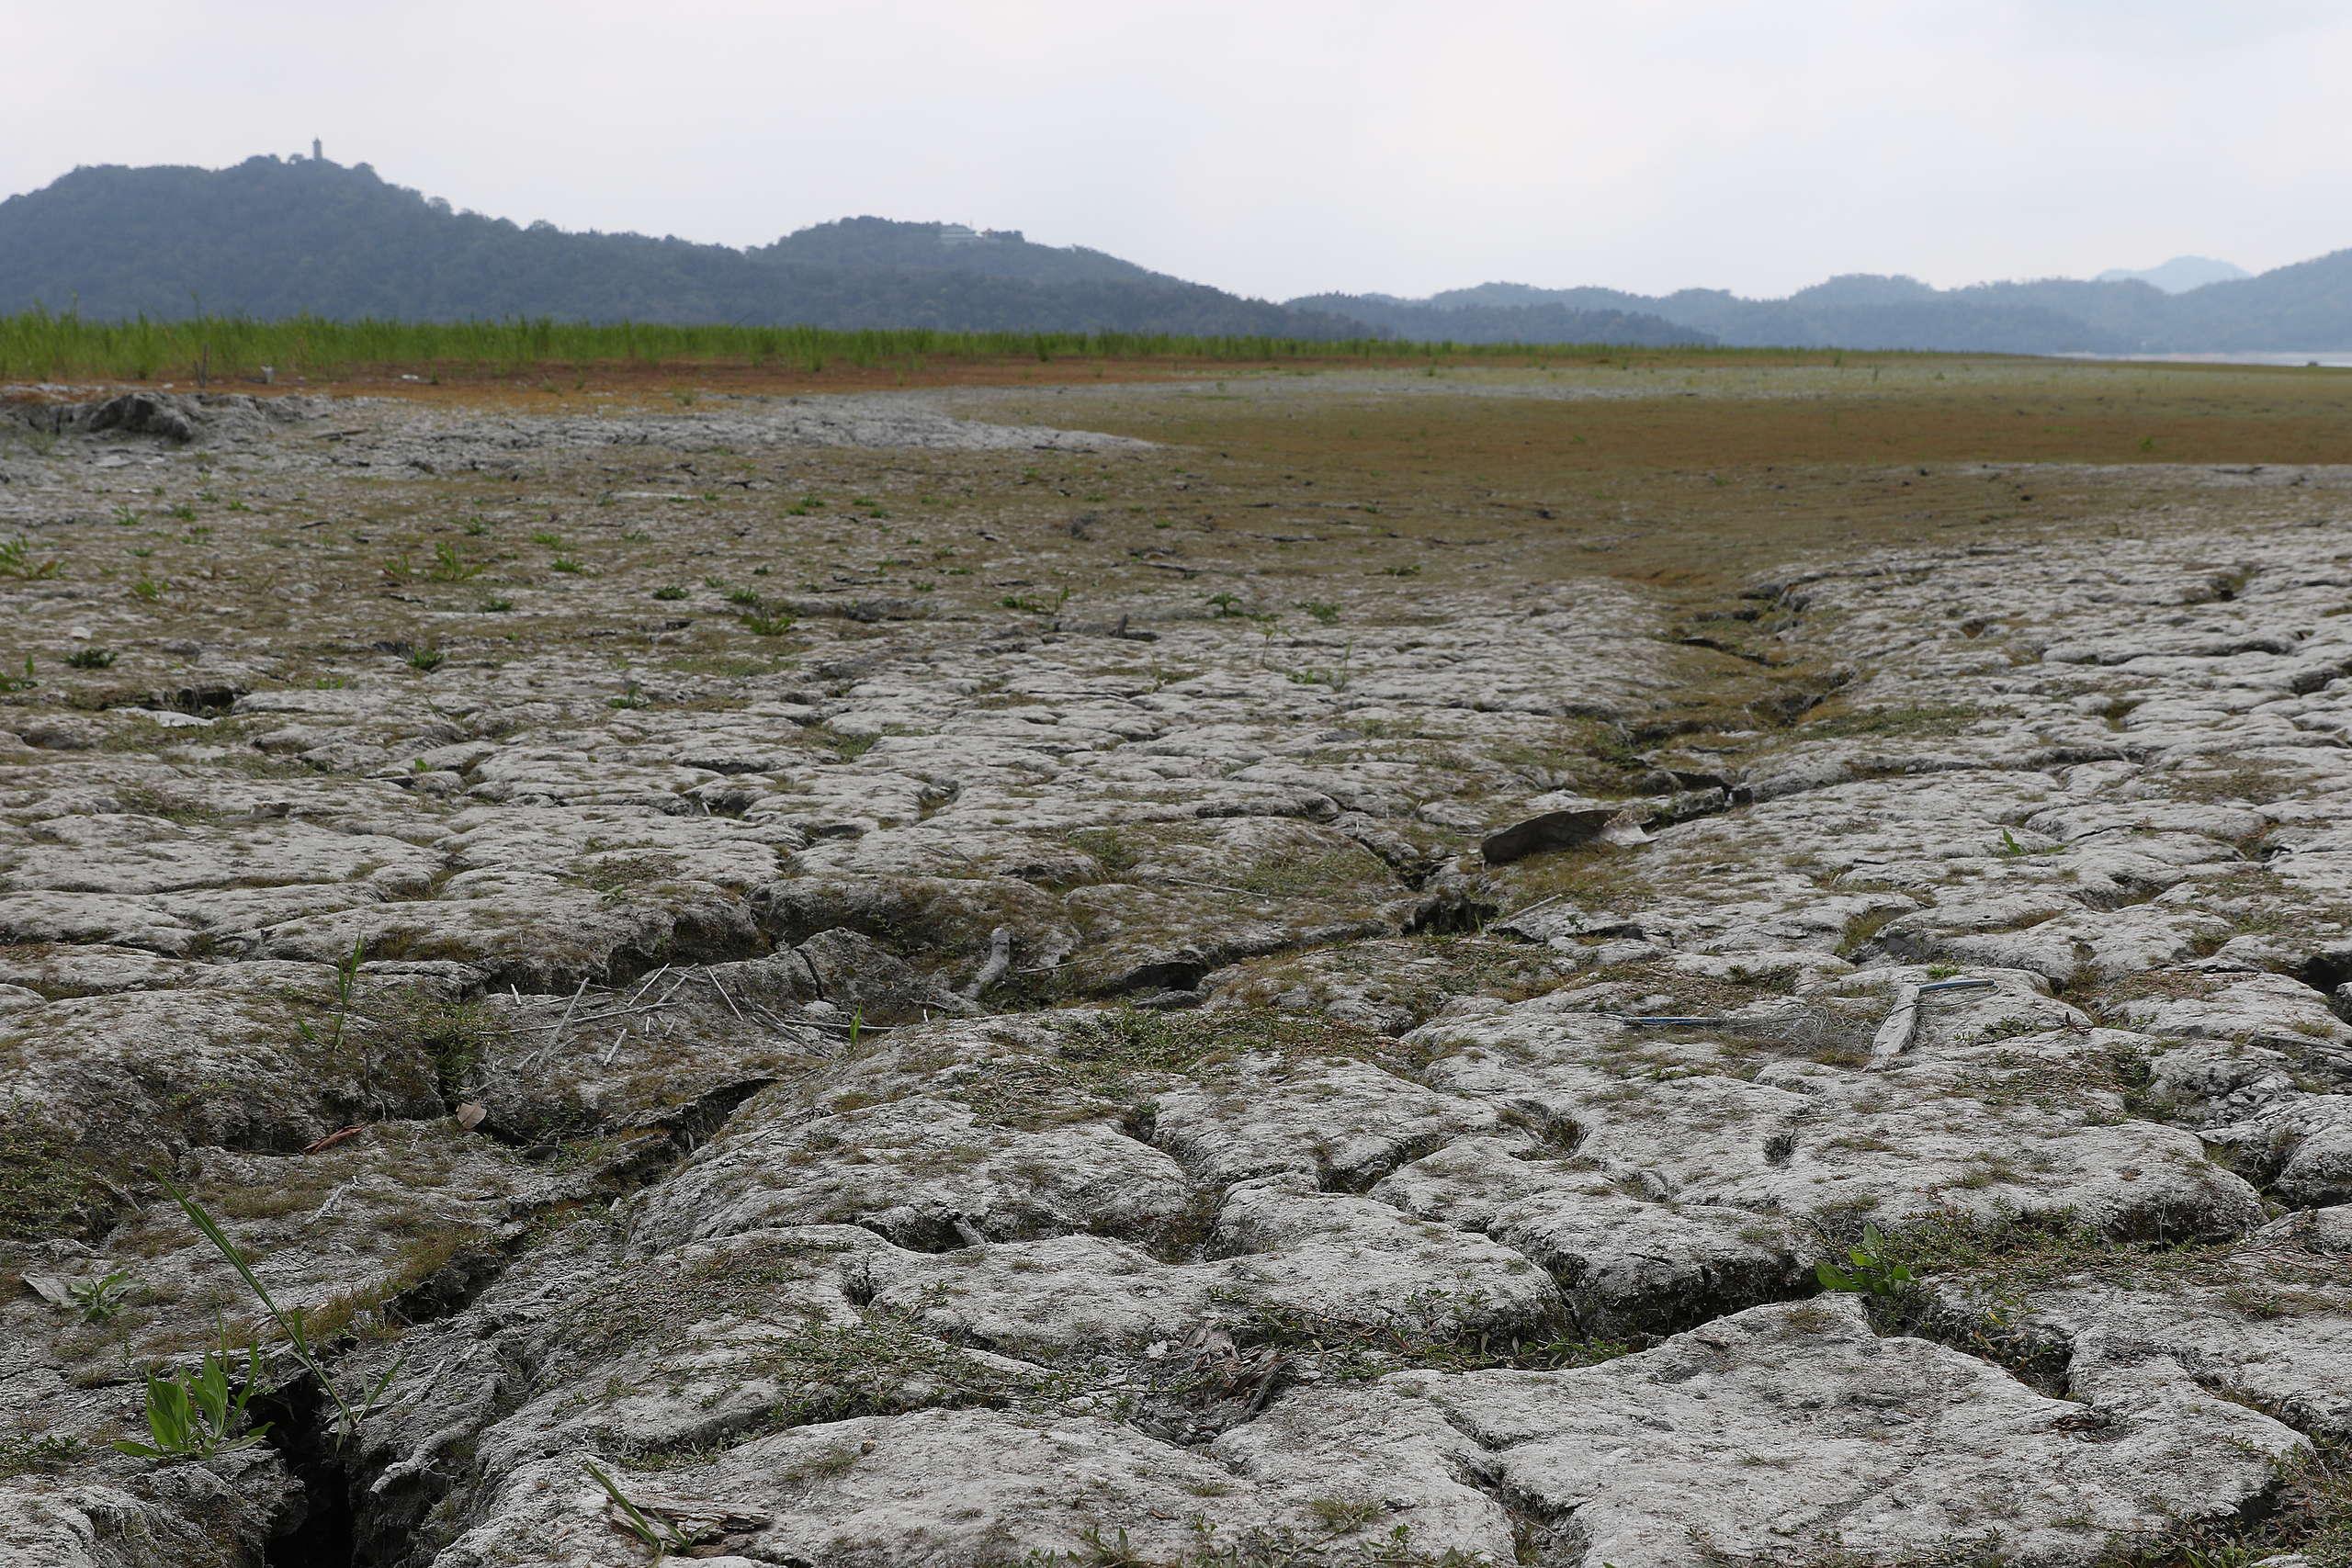 2021年上半年,臺灣經歷百年大旱,造成全臺停灌補助近新臺幣70億元,水情亮紅燈,也使臺中、苗栗等地自2021年4月起實施供五休二的停水措施。圖為連日缺水導致乾枯的日月潭。© Cynthia Chen / Greenpeace